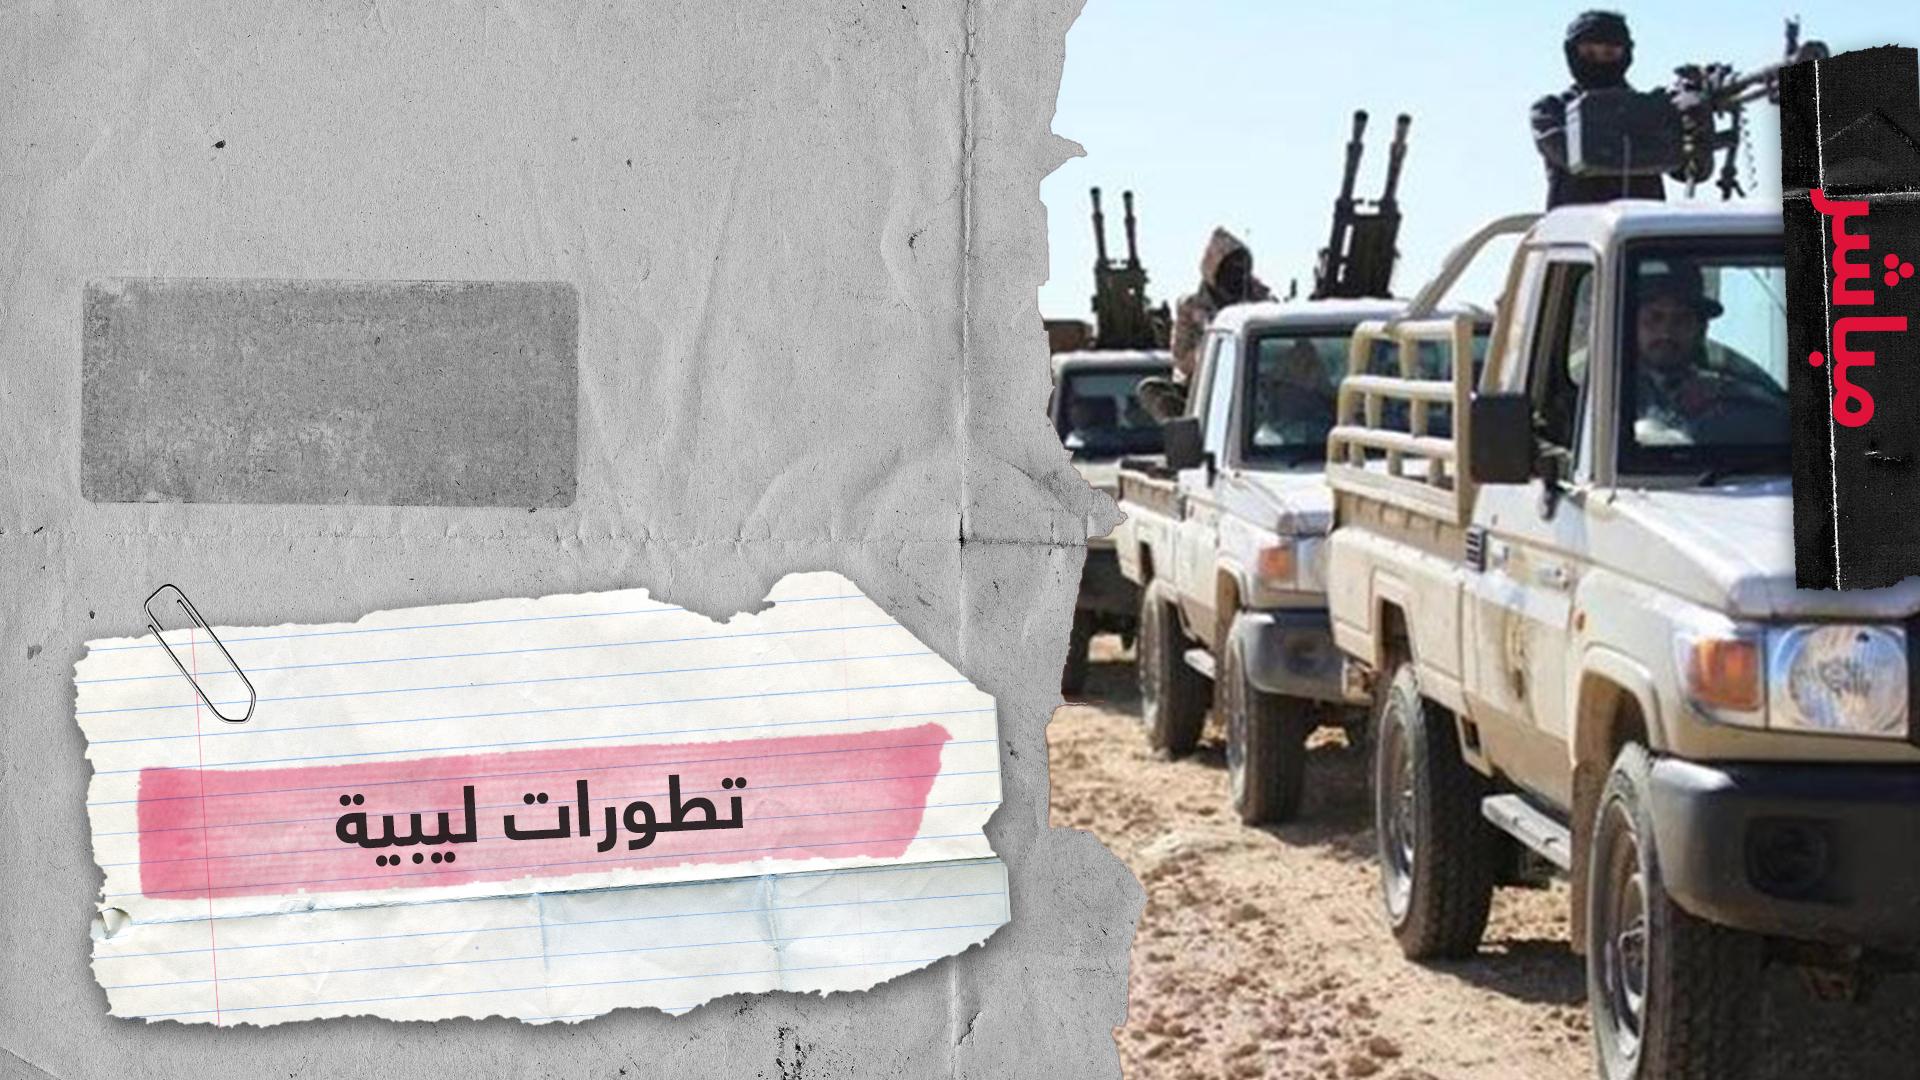 على خلفية الصراع في ليبيا.. هل يشتعل الوضع في شرق المتوسط؟